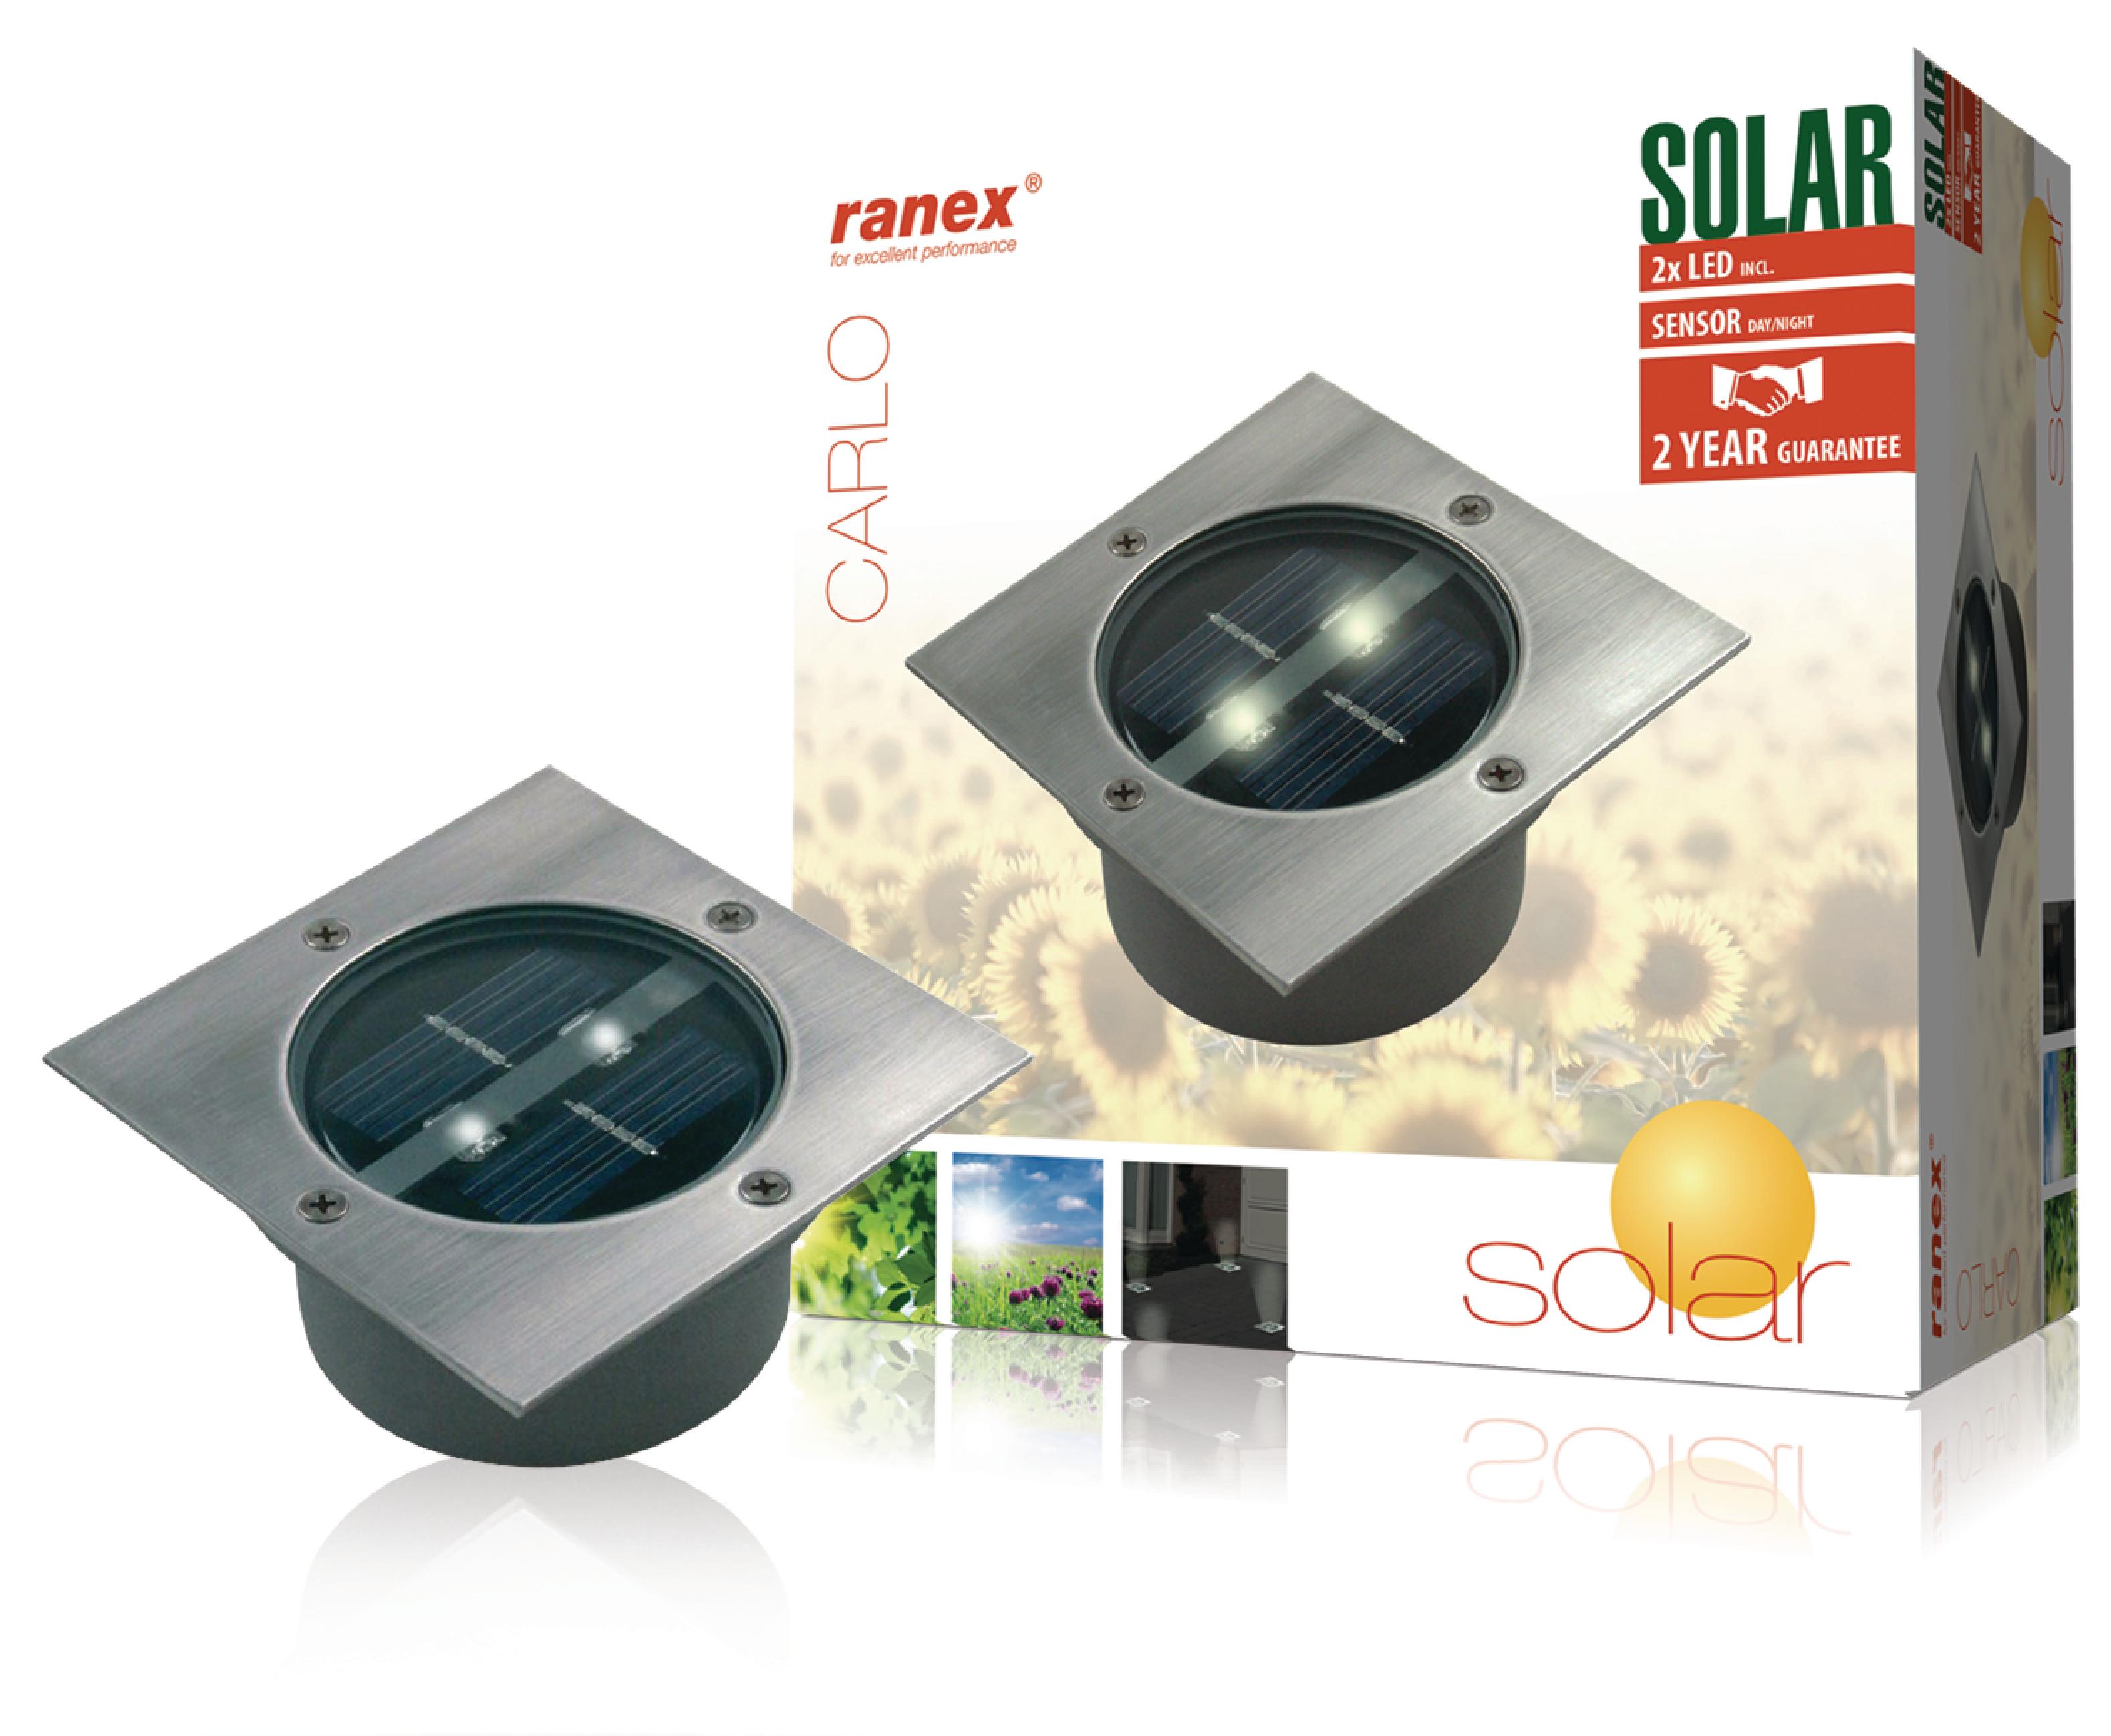 Solar-Bodenstrahler 2 LED Viereck